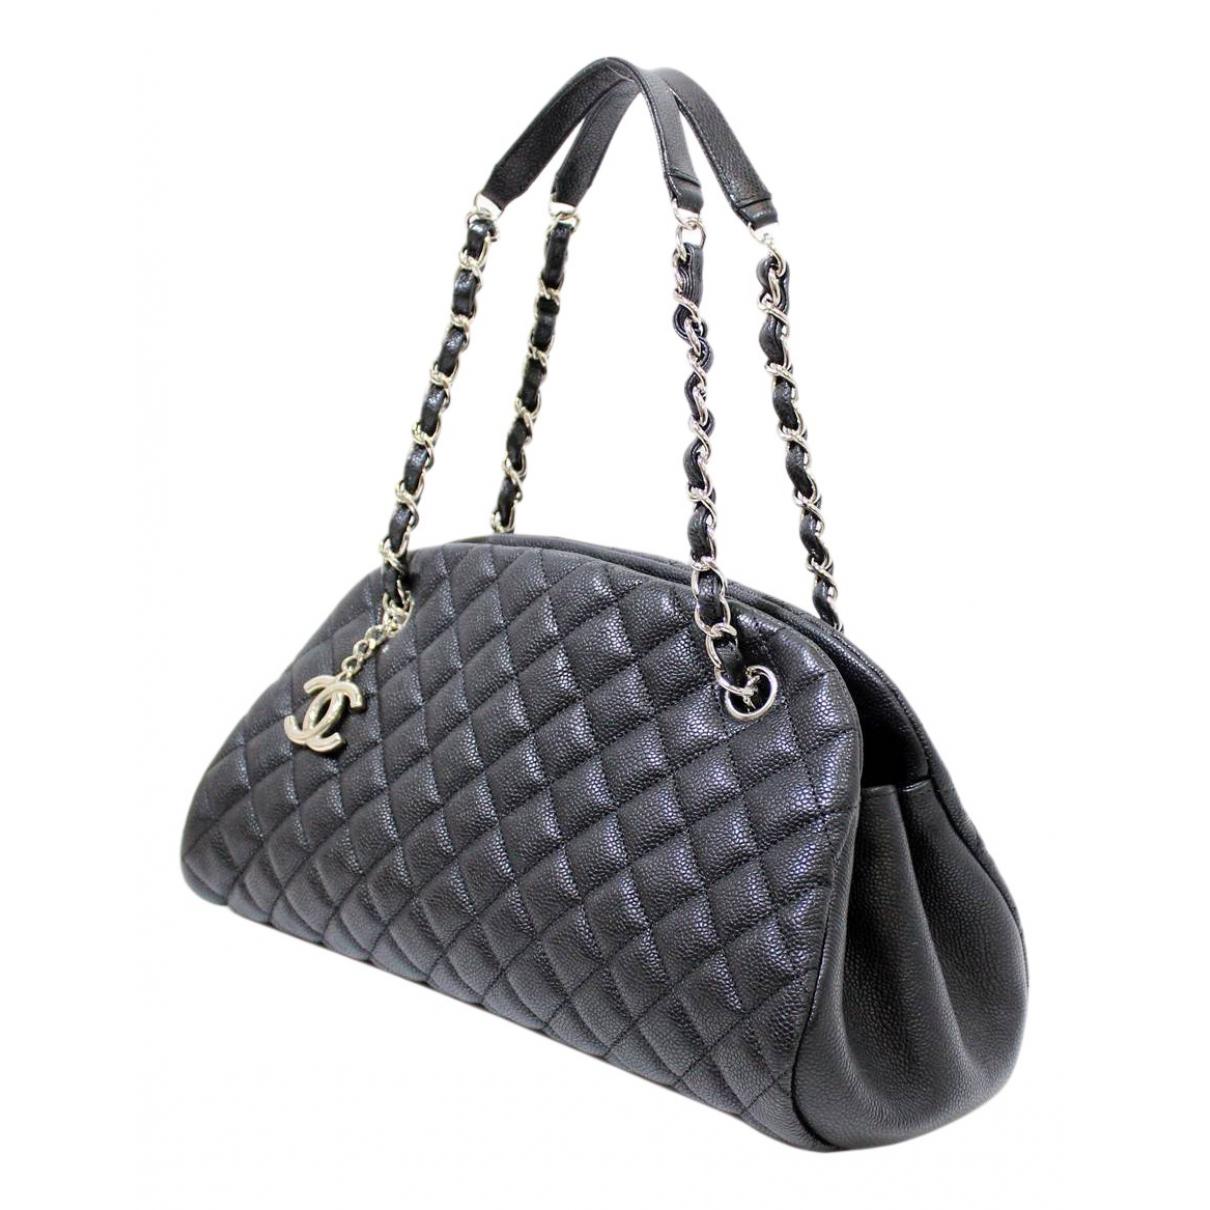 Chanel Mademoiselle Handtasche in  Schwarz Leder